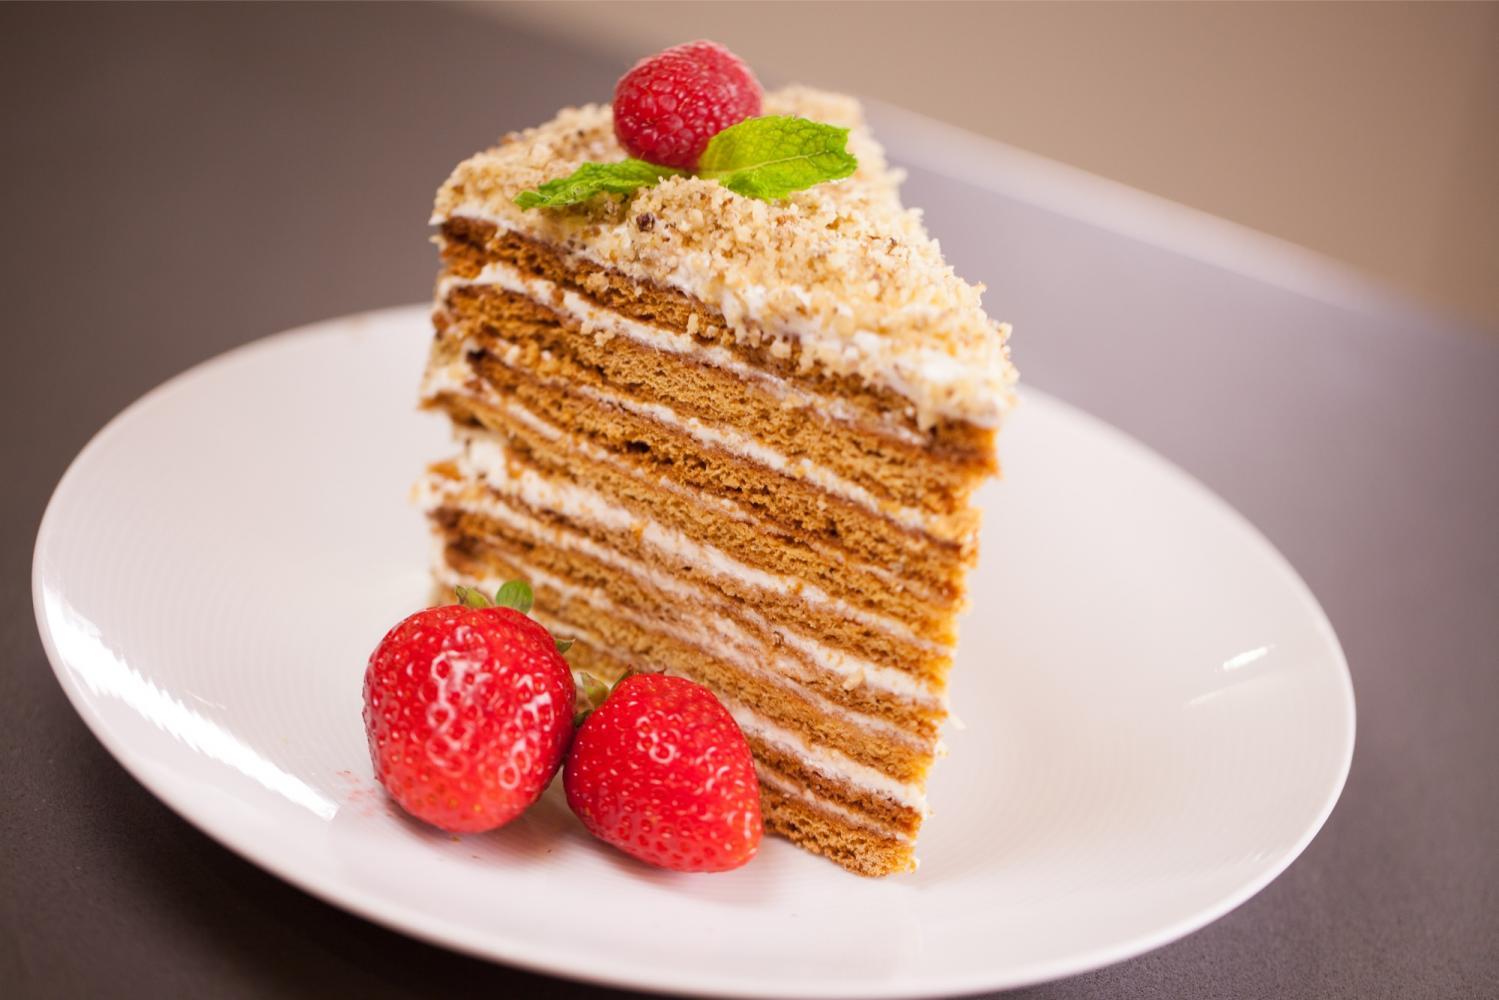 Медовик за 30 минут без раскатки коржей. Безумно вкусный и нежный торт